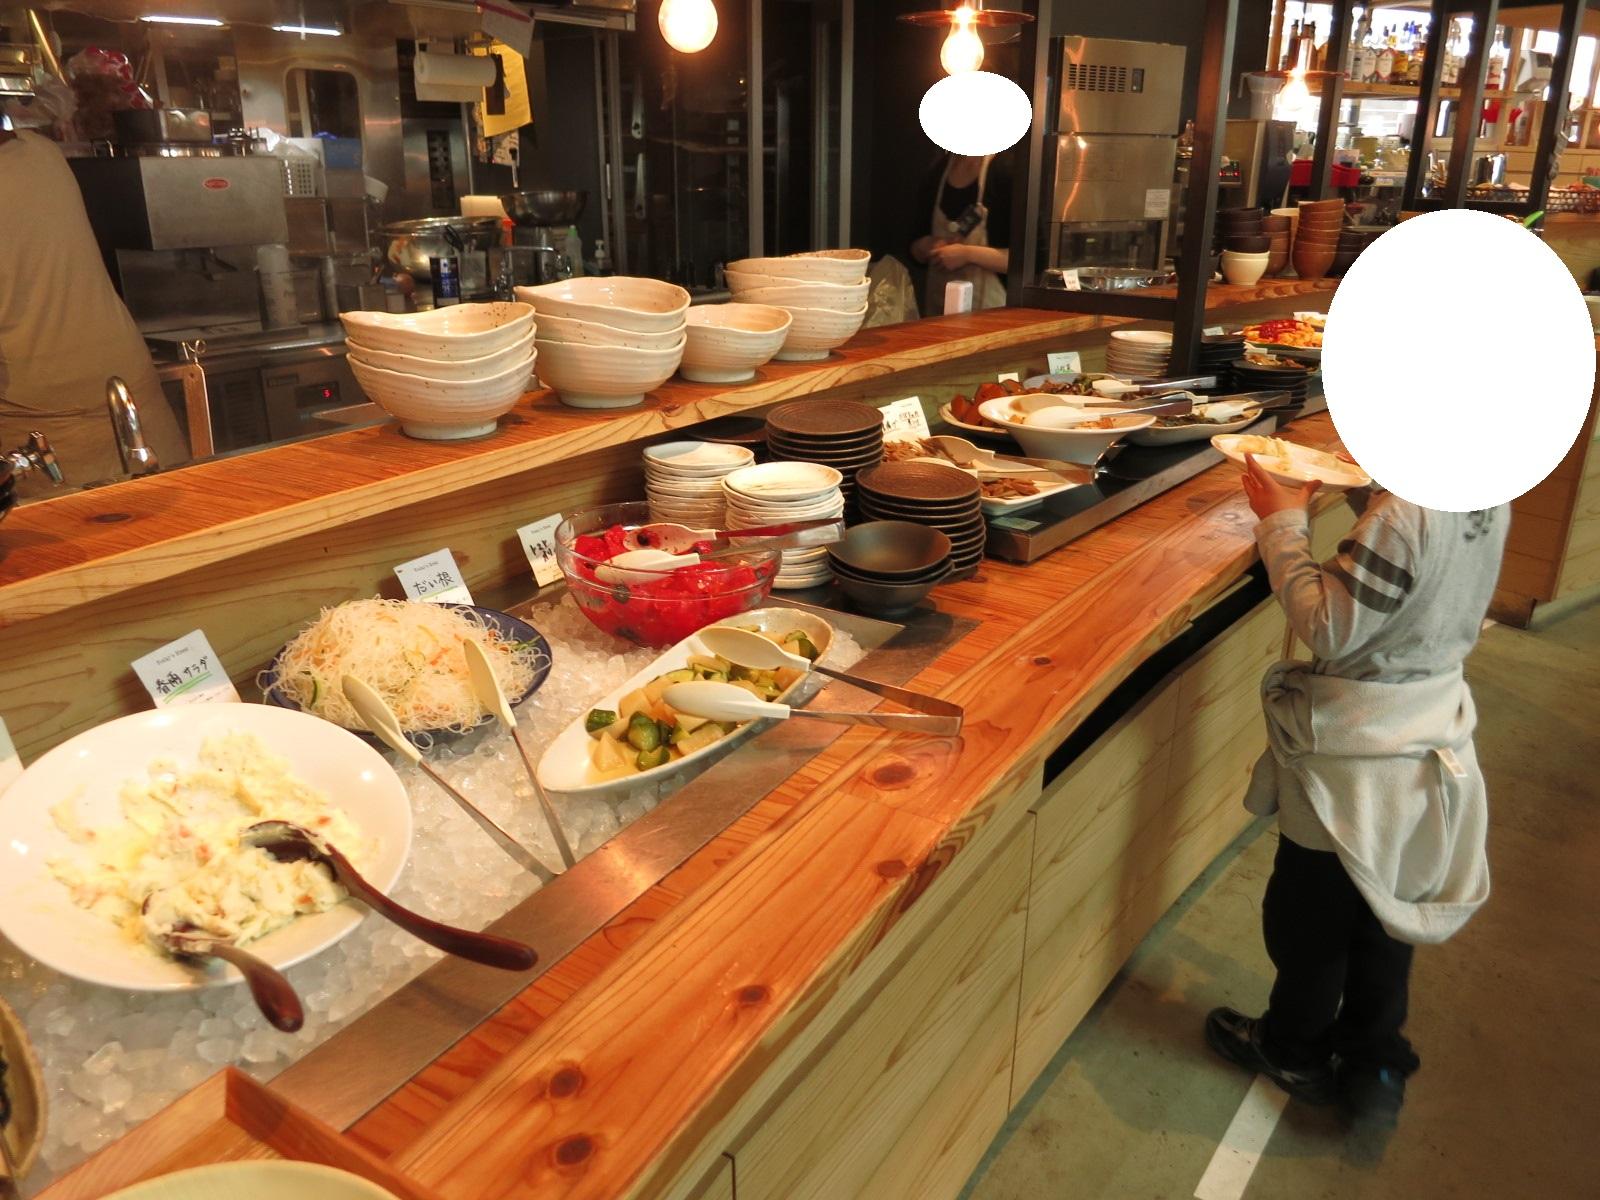 地元食材を使った惣菜など、どれも美味しそう!ブッフェ式なのでお代わり自由なのも嬉しいですね。